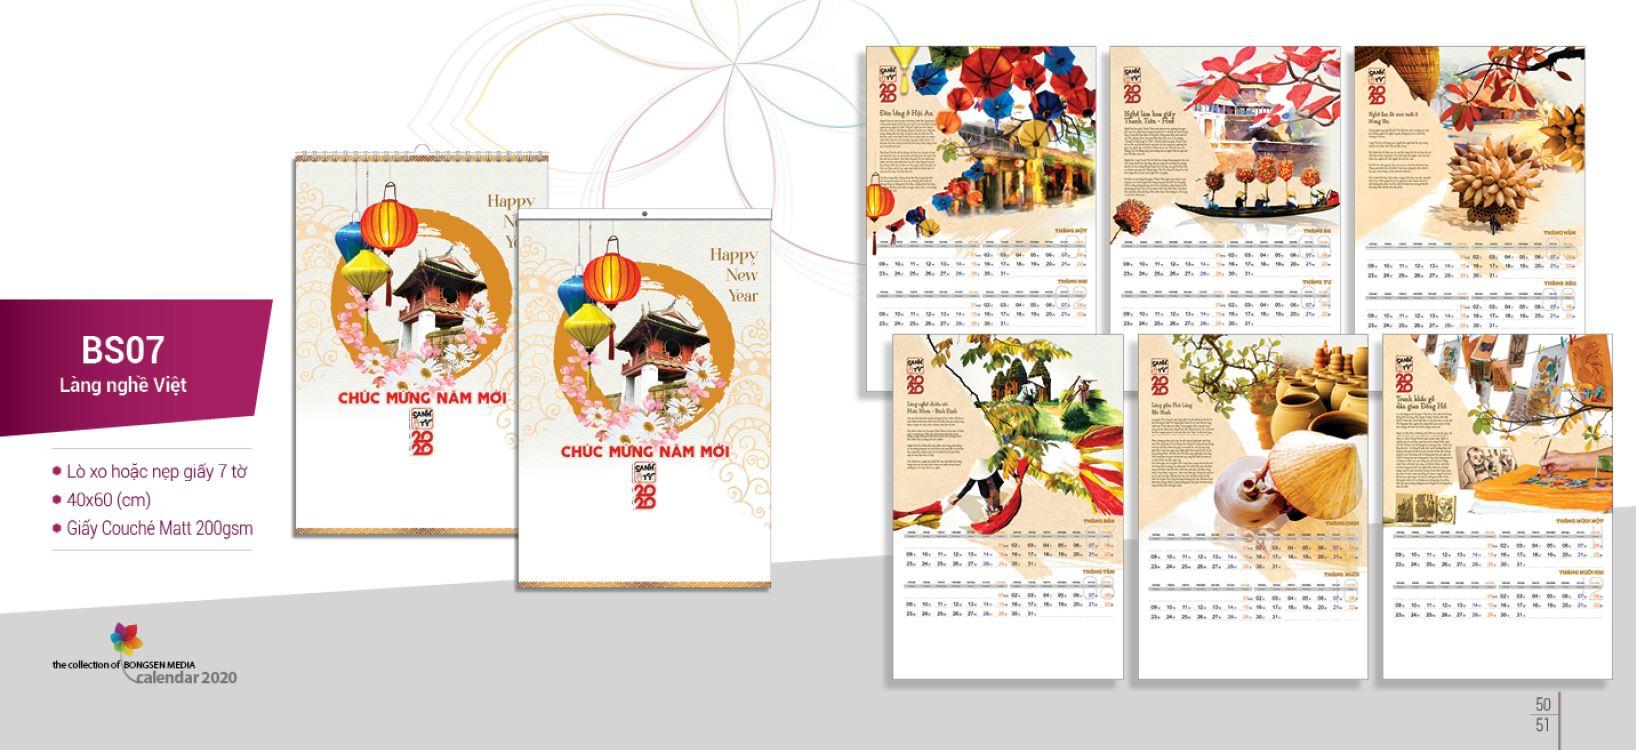 Mẫu lịch Tết treo tường BS 2020 - Làng nghề Việt